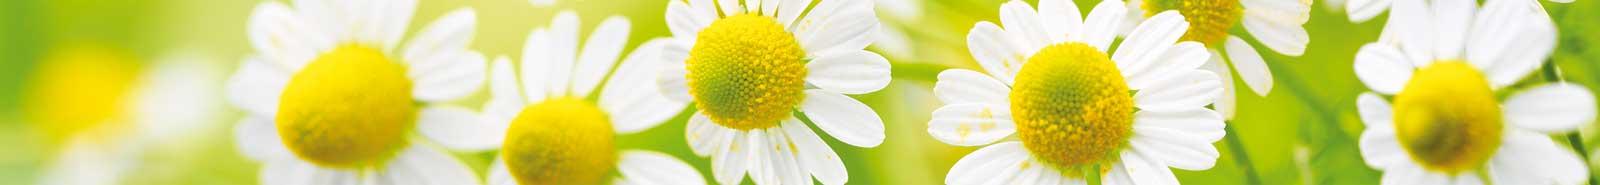 Fortbildung und Weiterbildung in Homöopathie und Naturheilkunde